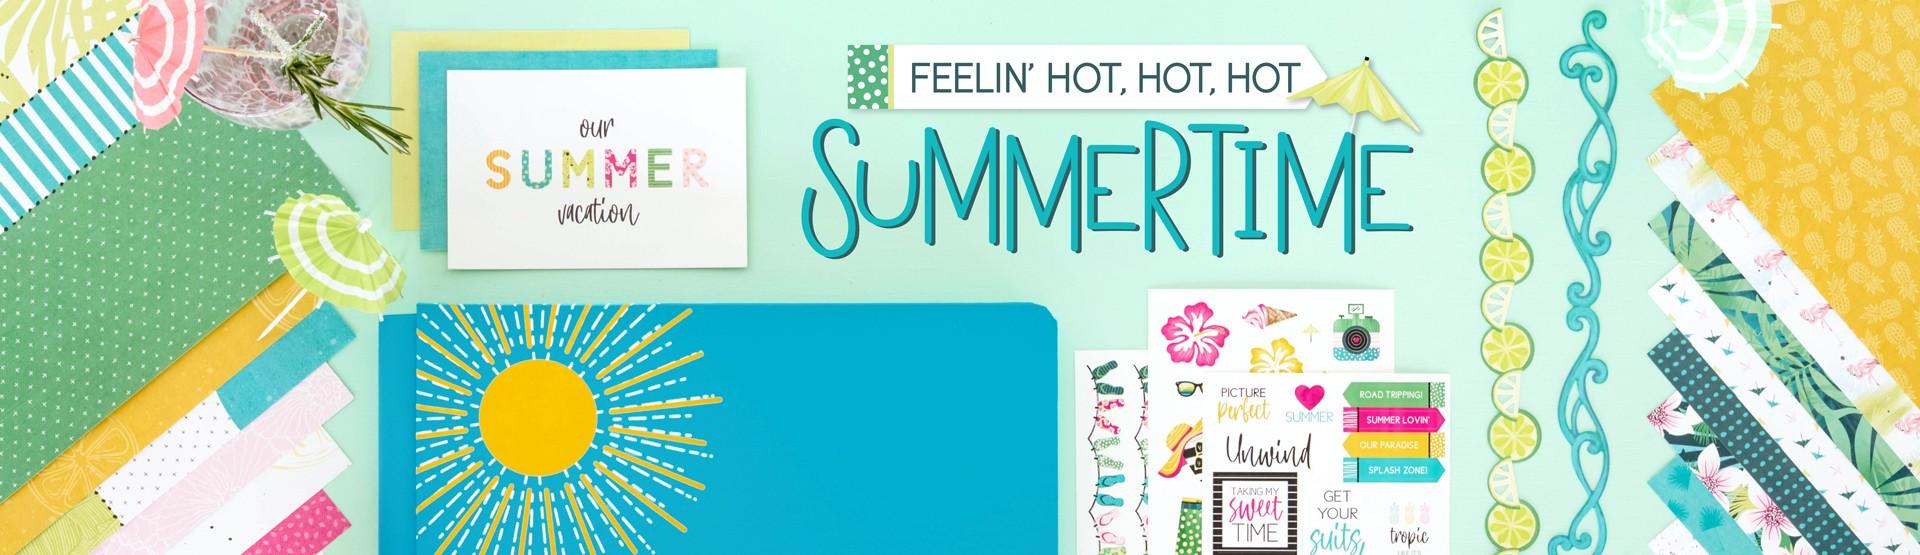 Summer Scrapbooking Supplies: Summertime